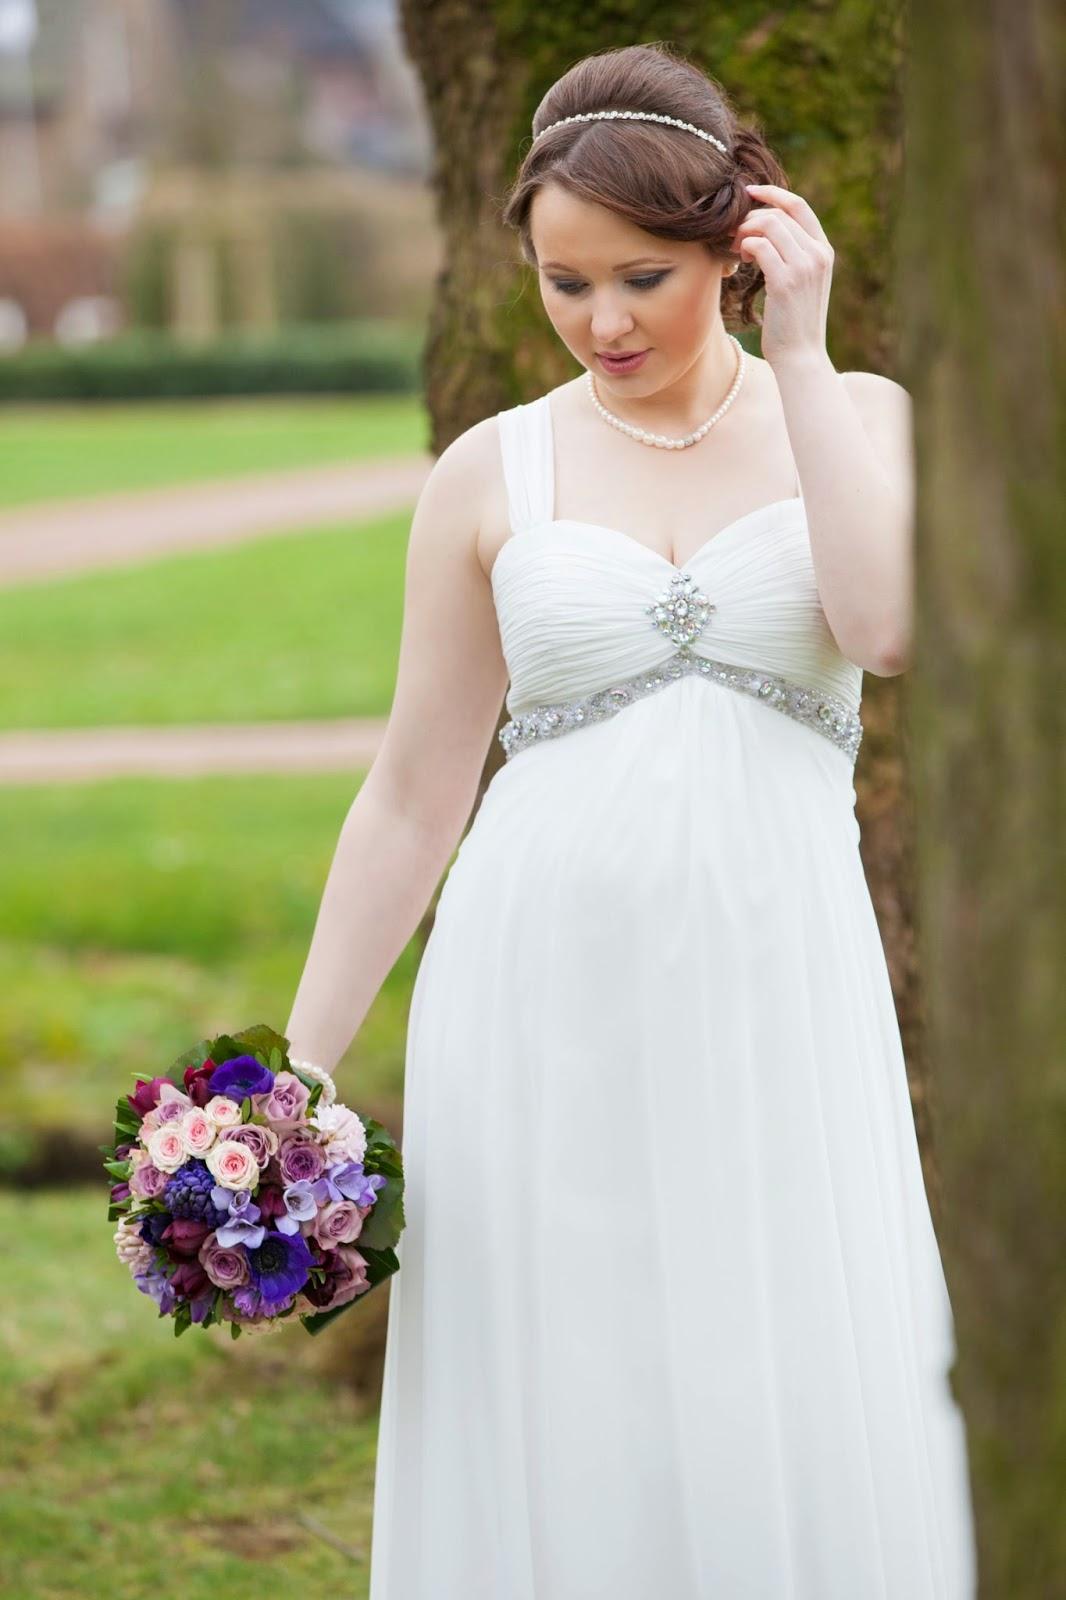 Brautkleid fürs Standesamt für Schwangere. Brautstudio Edelweiss.